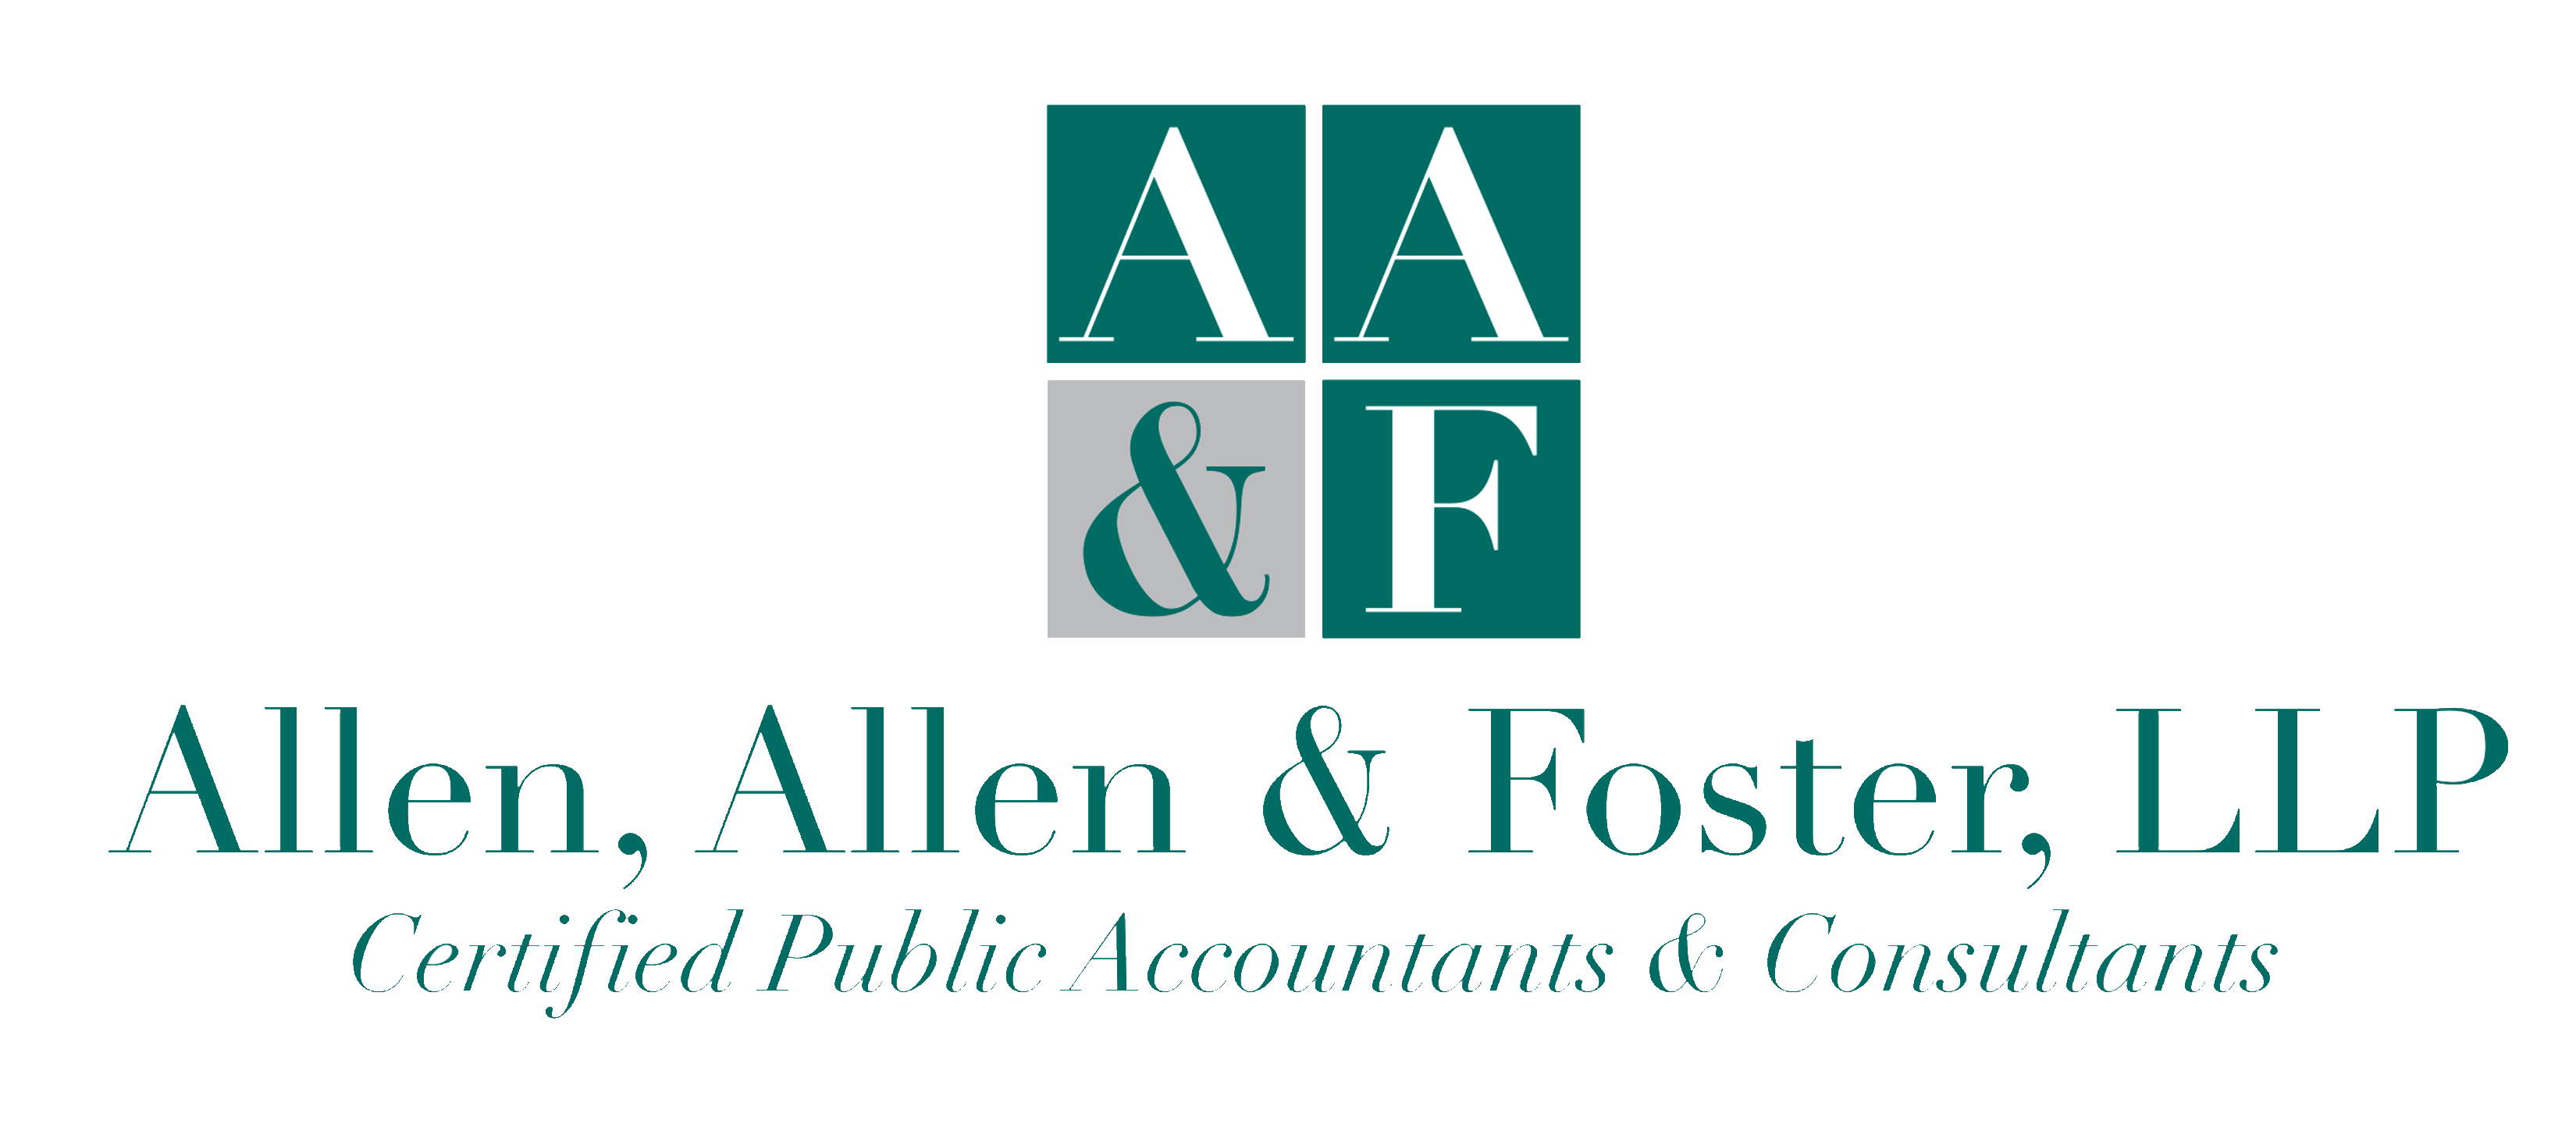 Allen, Allen & Foster | Jeff & Beverley Allen